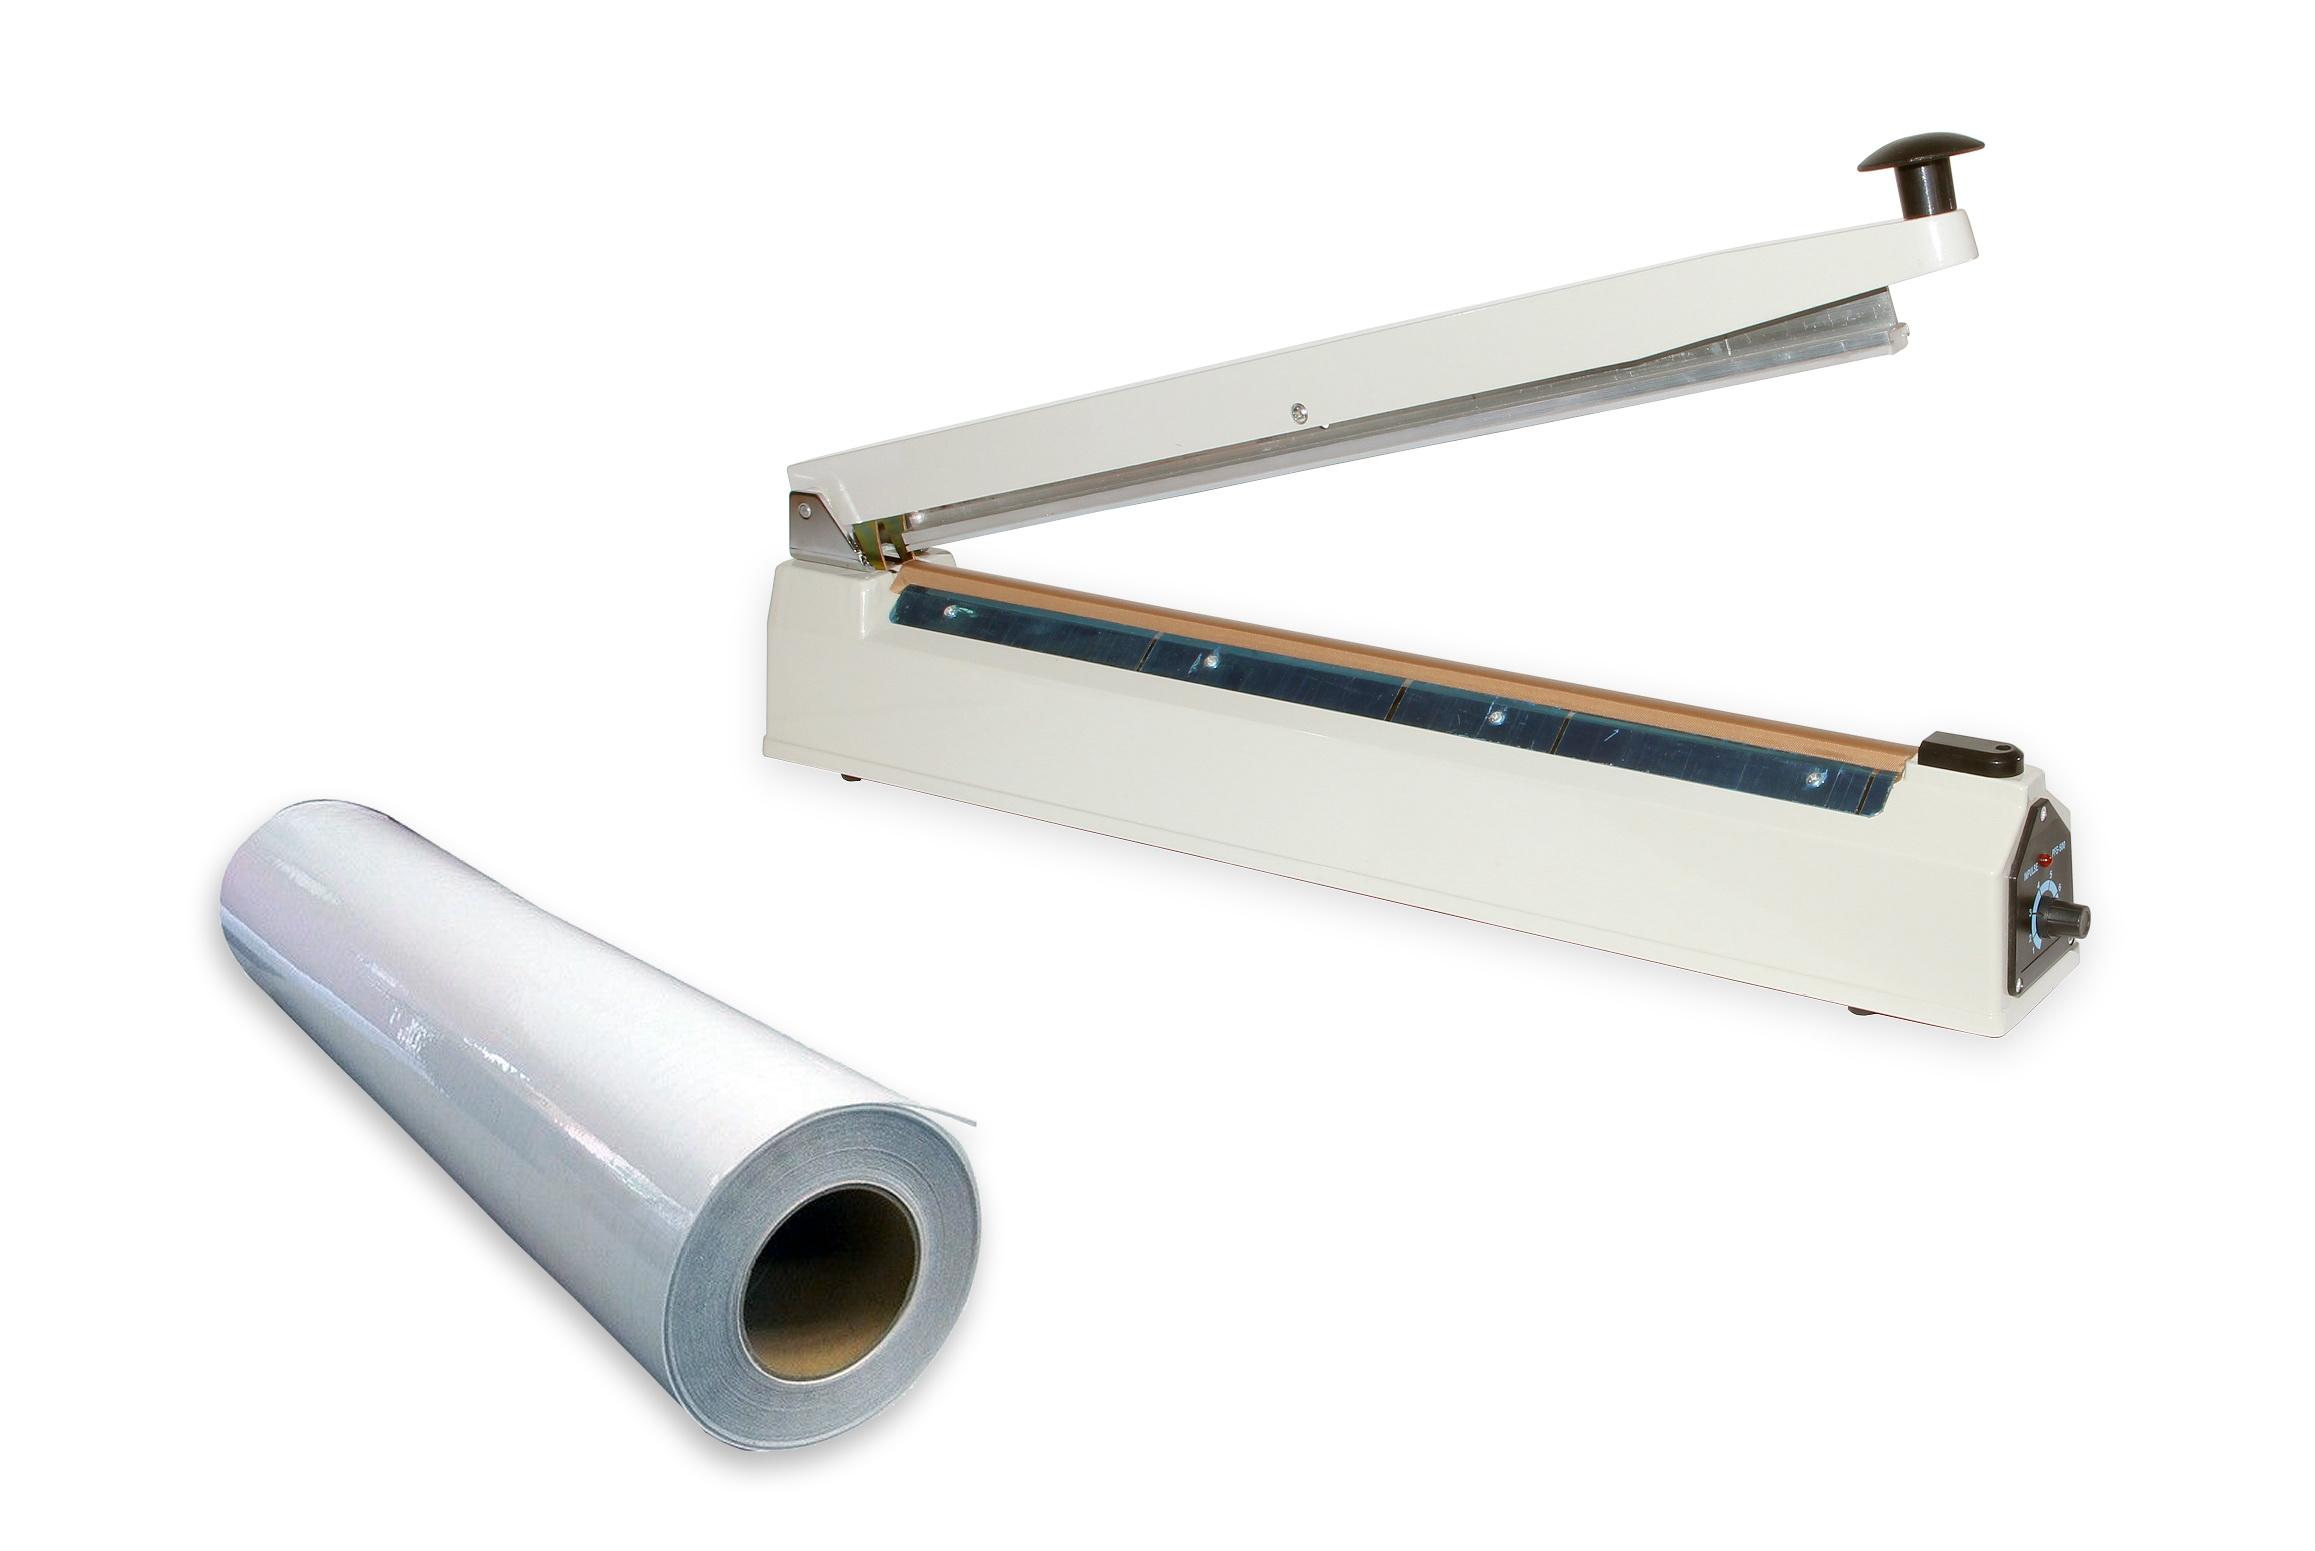 Impulsní svářečka fólií, sáčků a obalů PFS-500 s šířkou svářecí lišty 500 mm